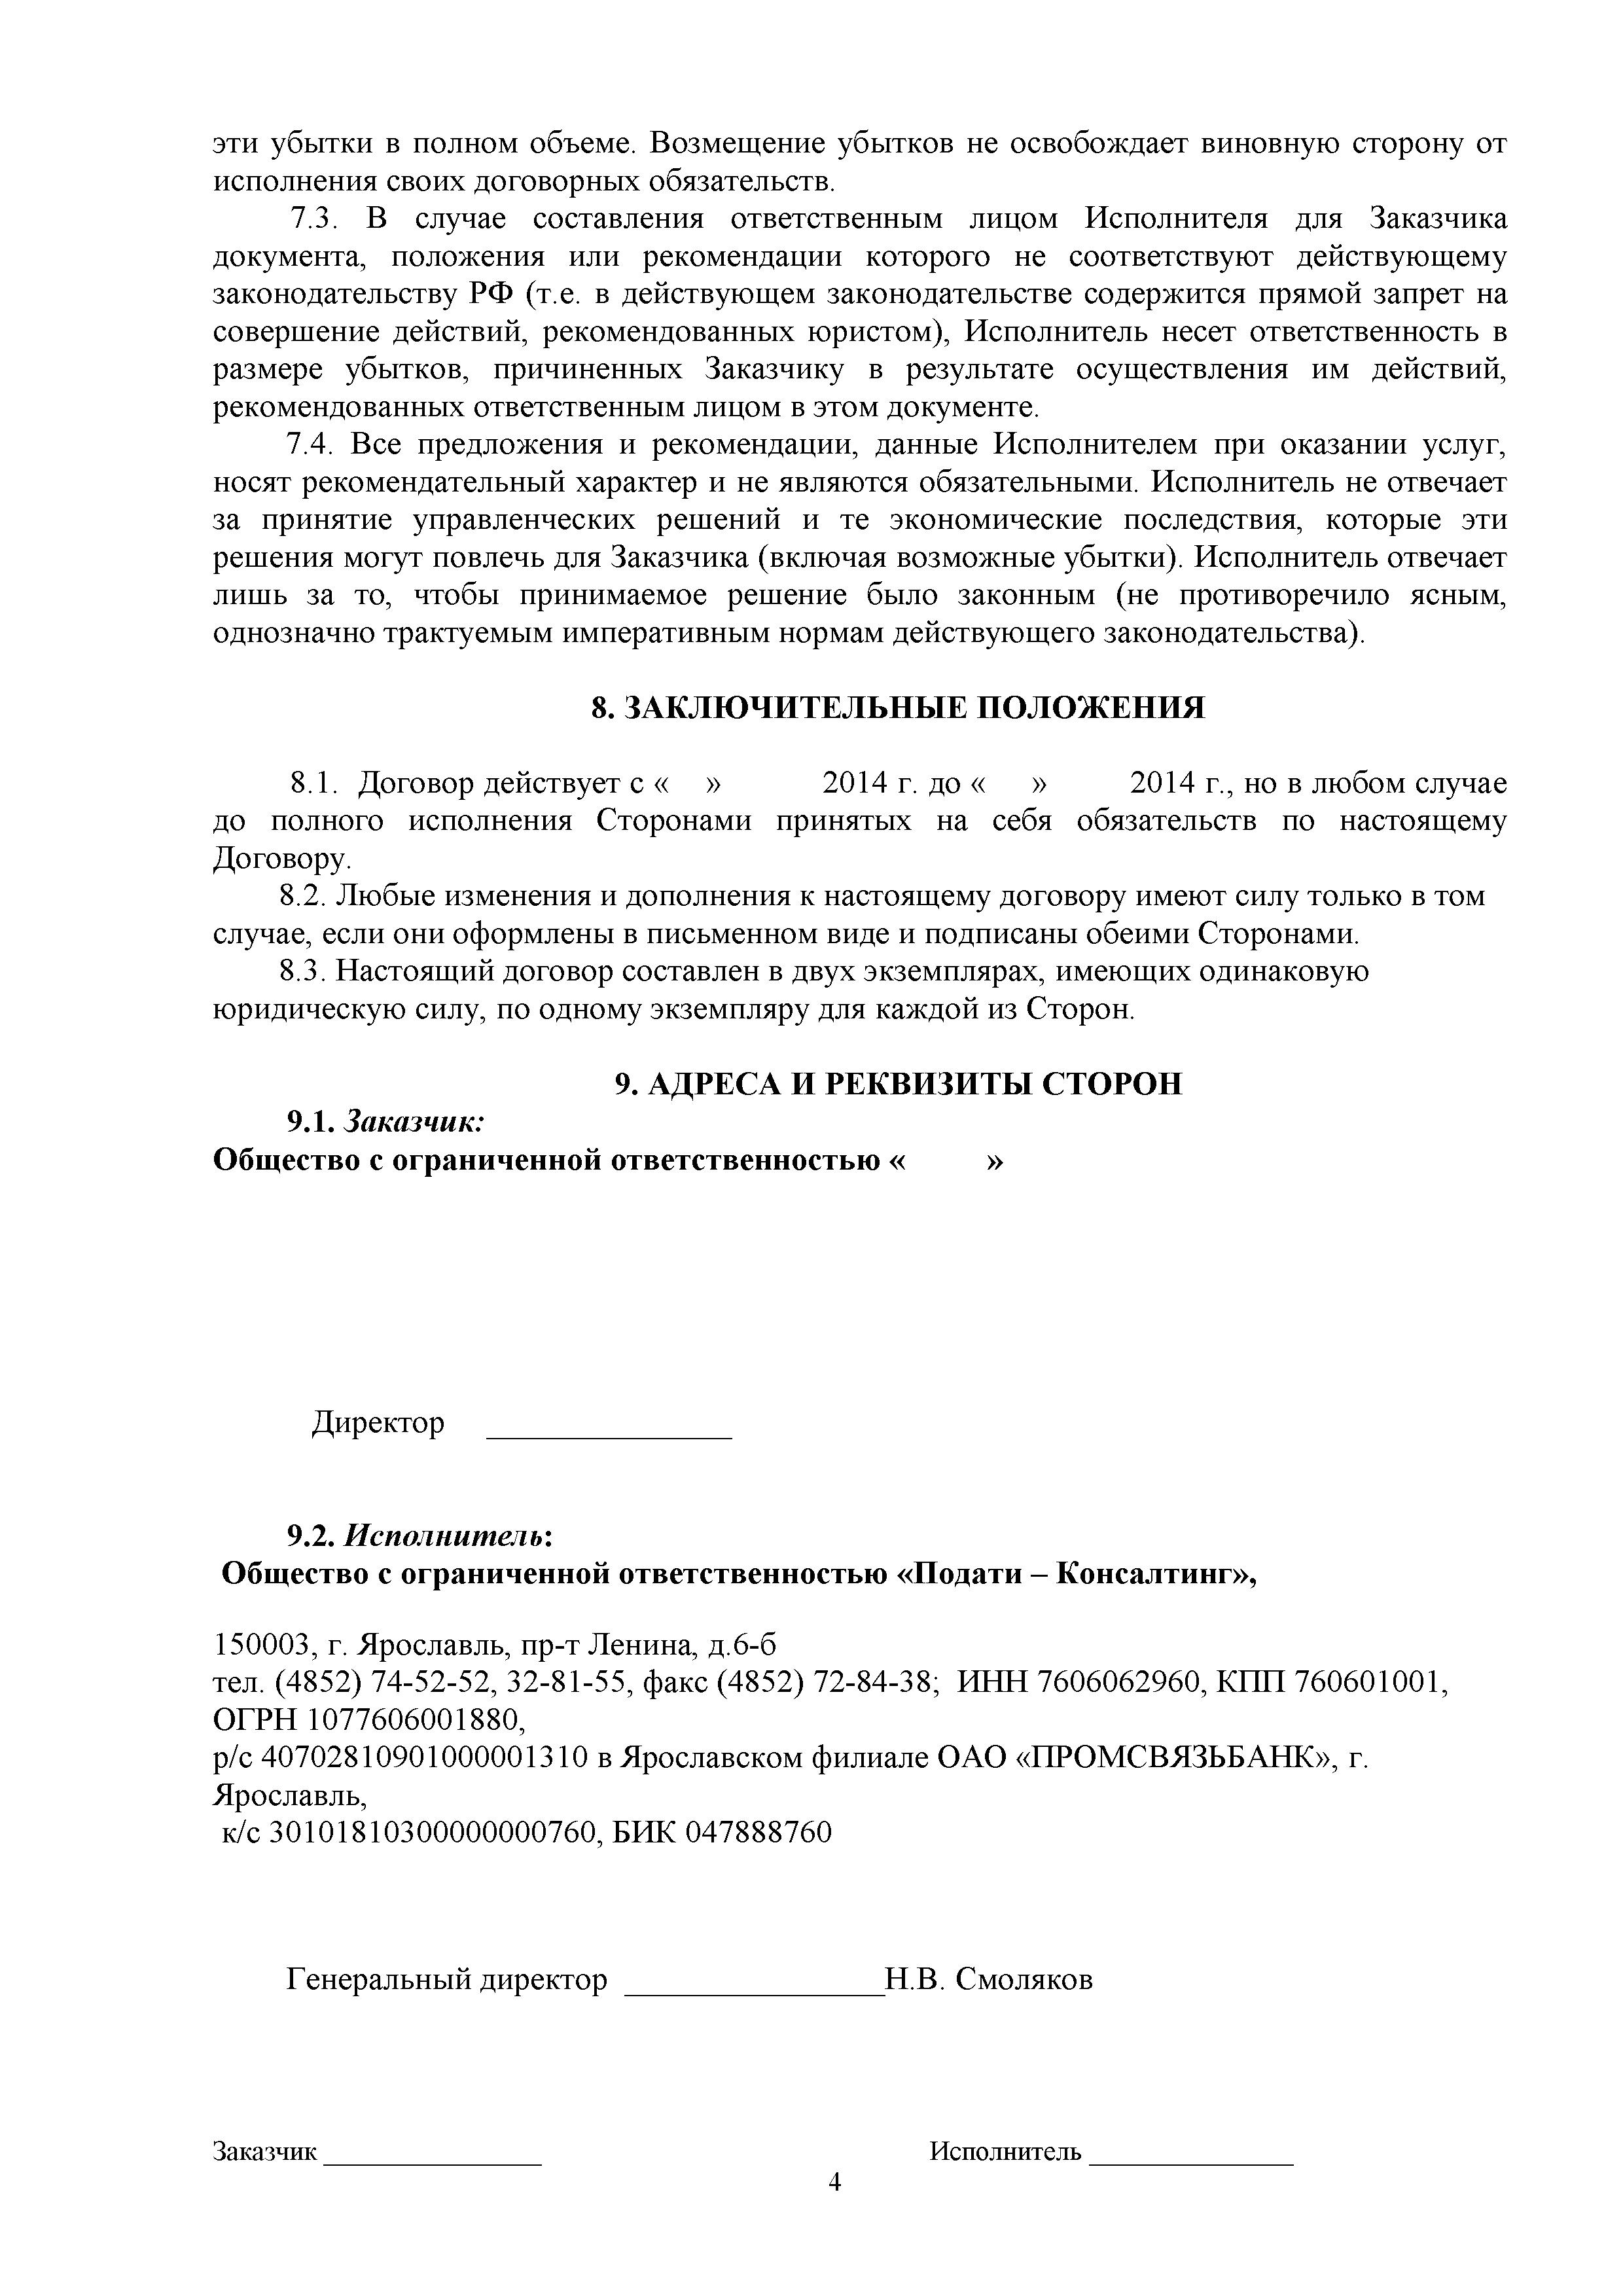 Образец договора на абонентское юридическое обслуживание, стр 4